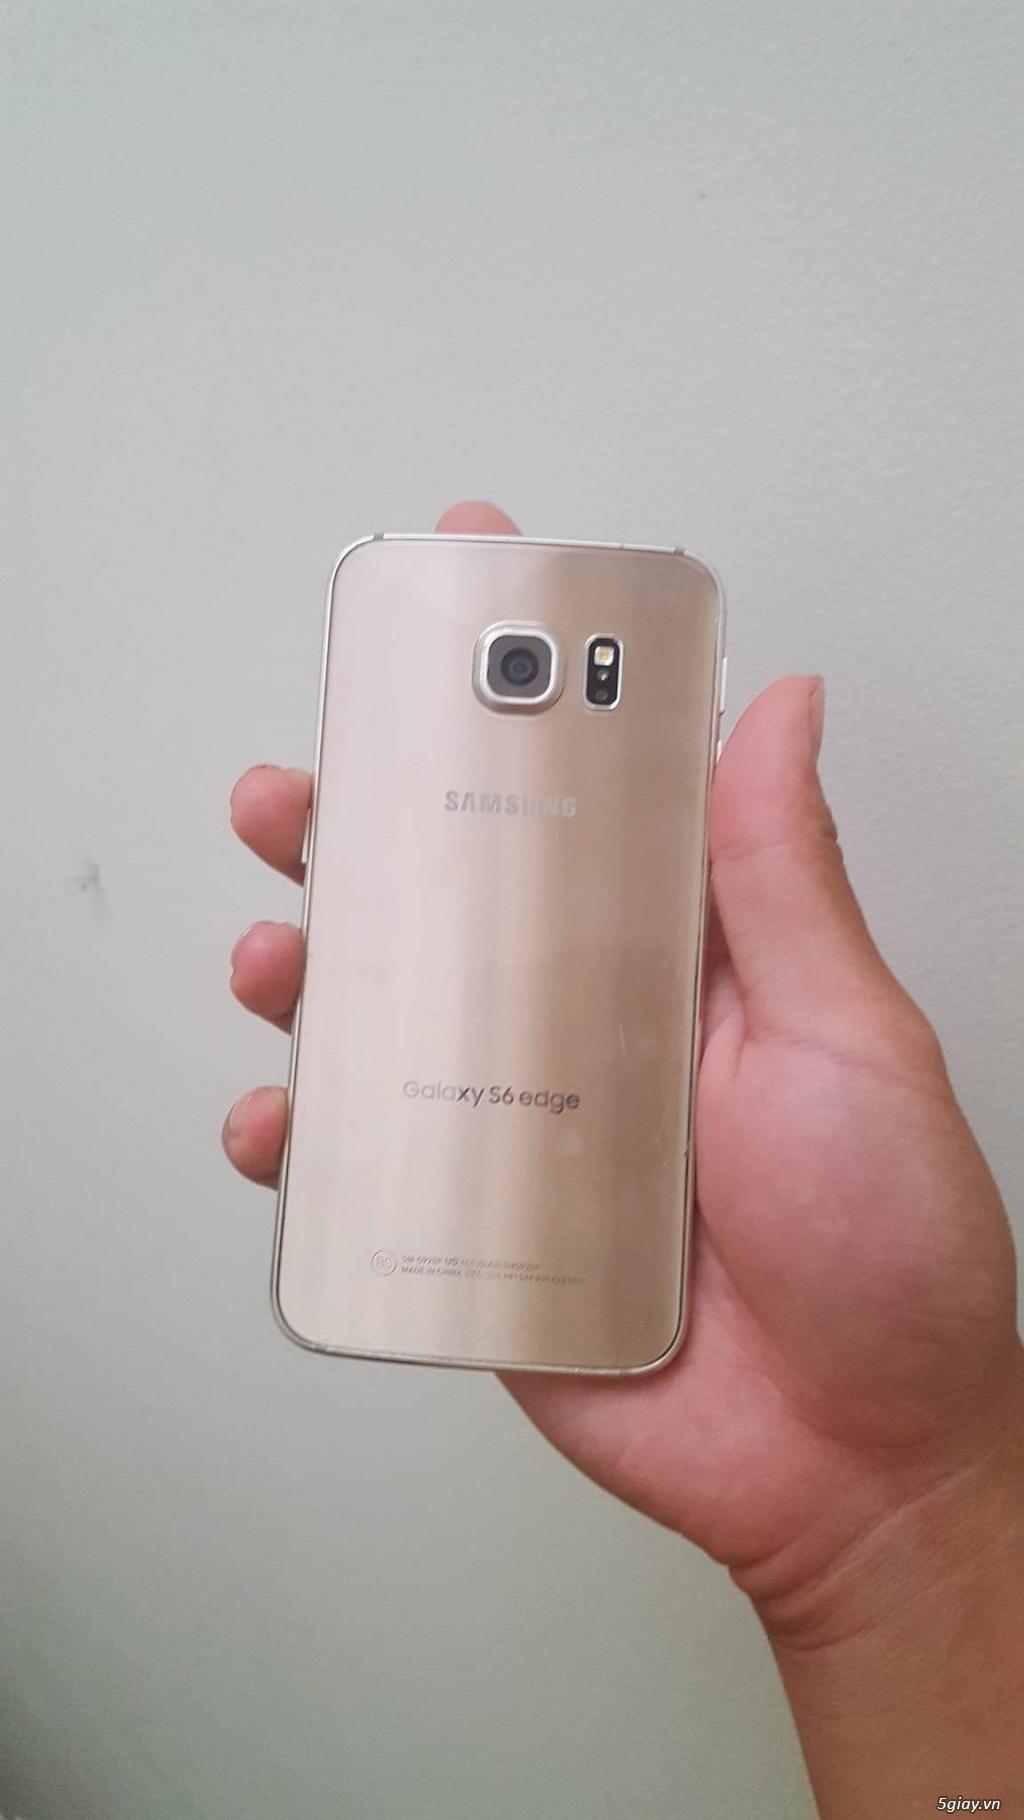 [HCM] Bán  em Galaxy S6 Edge 64gb Unlock (97%) - 2